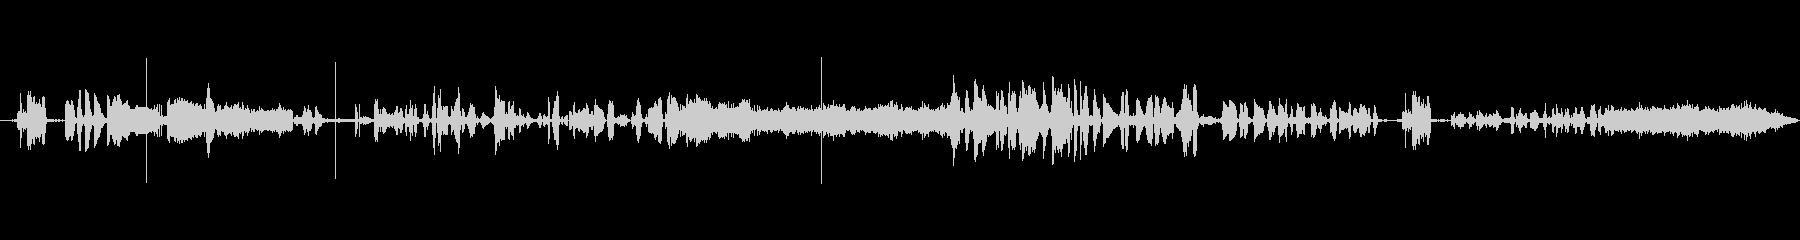 ベルギーのラジオスキャンの未再生の波形